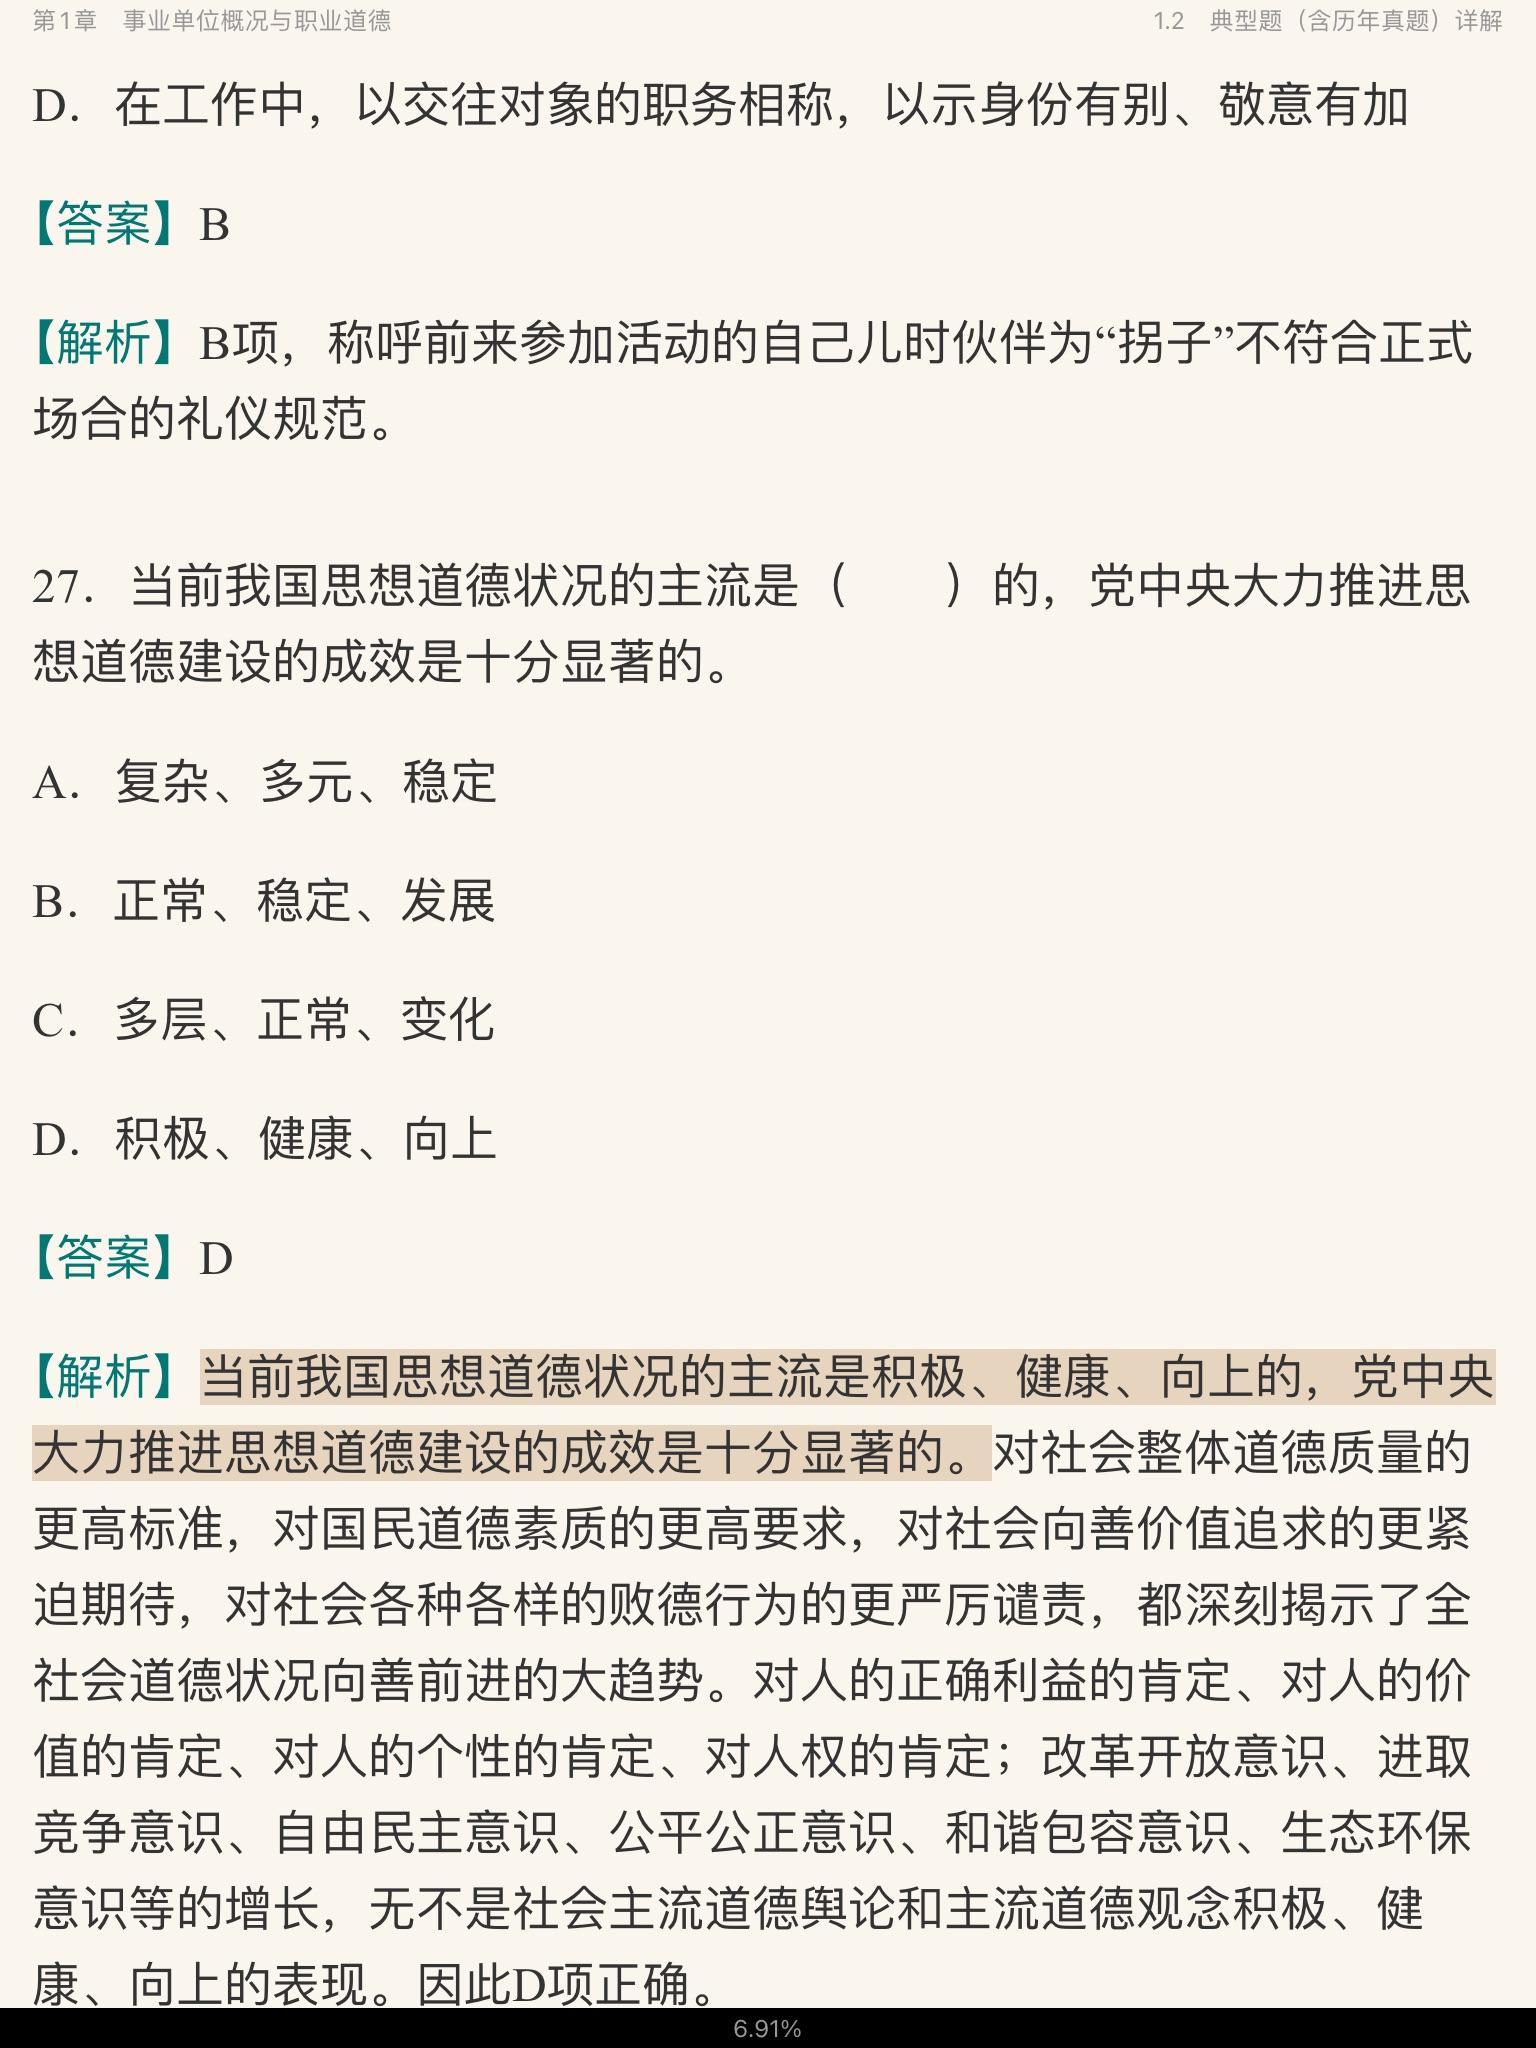 2020年湖南省事业单位招聘考试《公共基础知识》考点精讲及典型题(含历年真题)详解